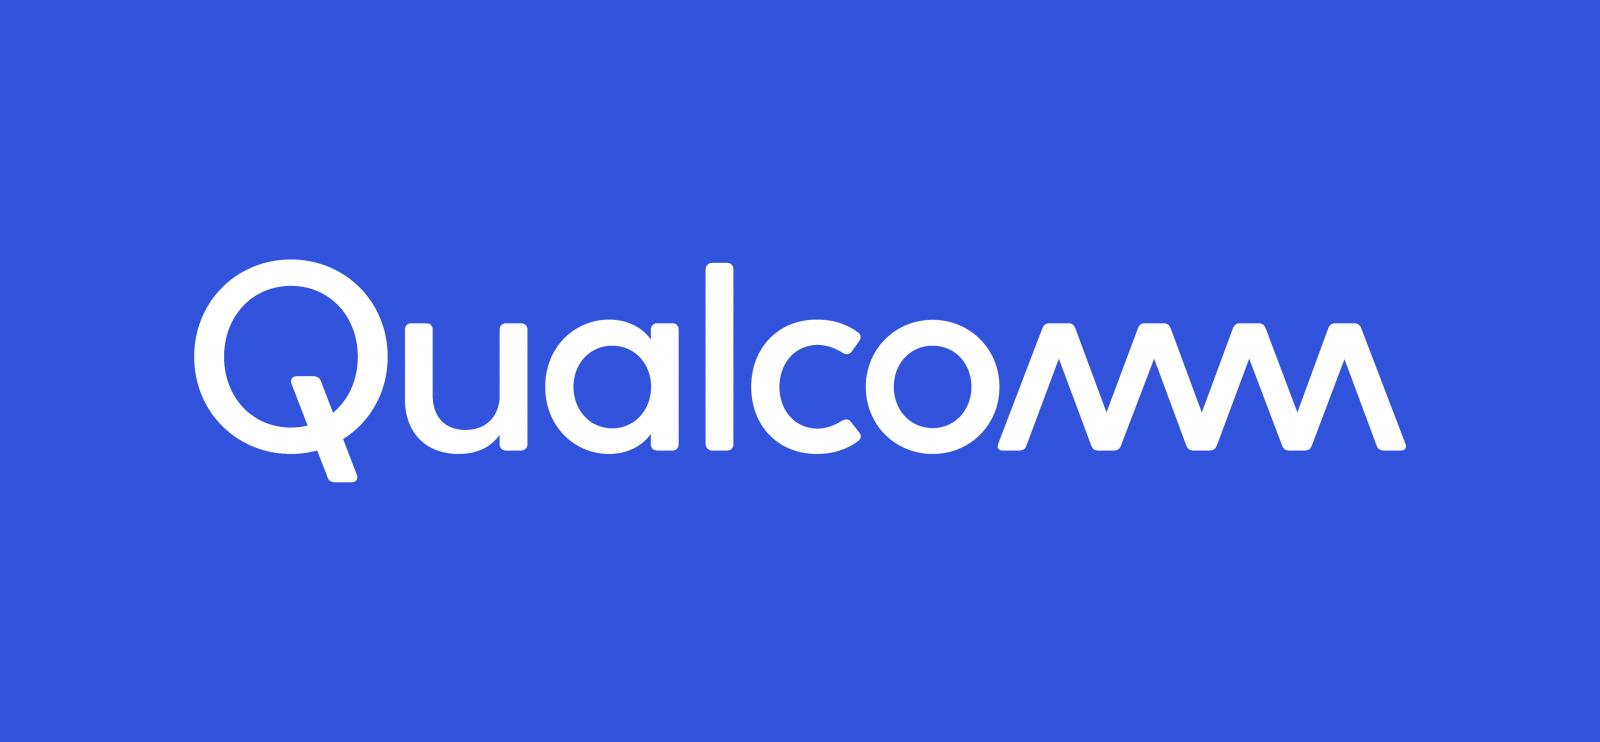 Qualcomm dévoile un modem 5G plus avancé, le Snapdragon X60, fabriqué par Samsung